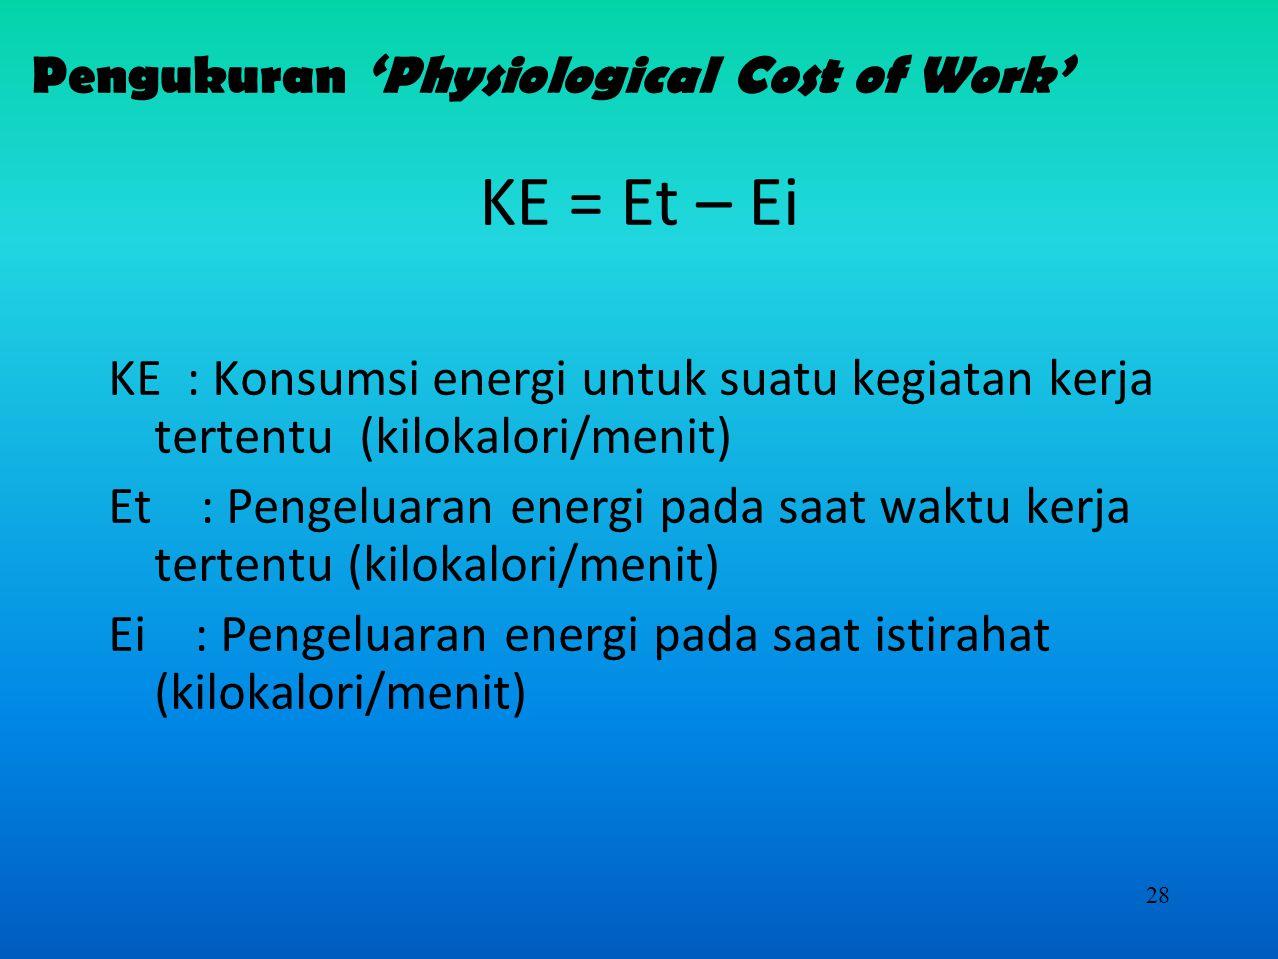 27 Pengukuran 'Physiological Cost of Work'  Secara Langsung melalui pengukuran konsumsi oksigen  Douglas bag  oxylog  Tidak Langsung  Pengukuran denyut nadi yang akan dikonversikan ke bentuk energi Y = 1.80411 – 0.0229038 (X) + 4.71733(X 2 )(10 -4 ) Y = energi yang dikeluarkan (kkal/menit) X = kecepatan denyut nadi (denyut/menit)  Denyut nadi maksimum Maks denyut nadi = 200-0.65 x usia (dalam tahun)